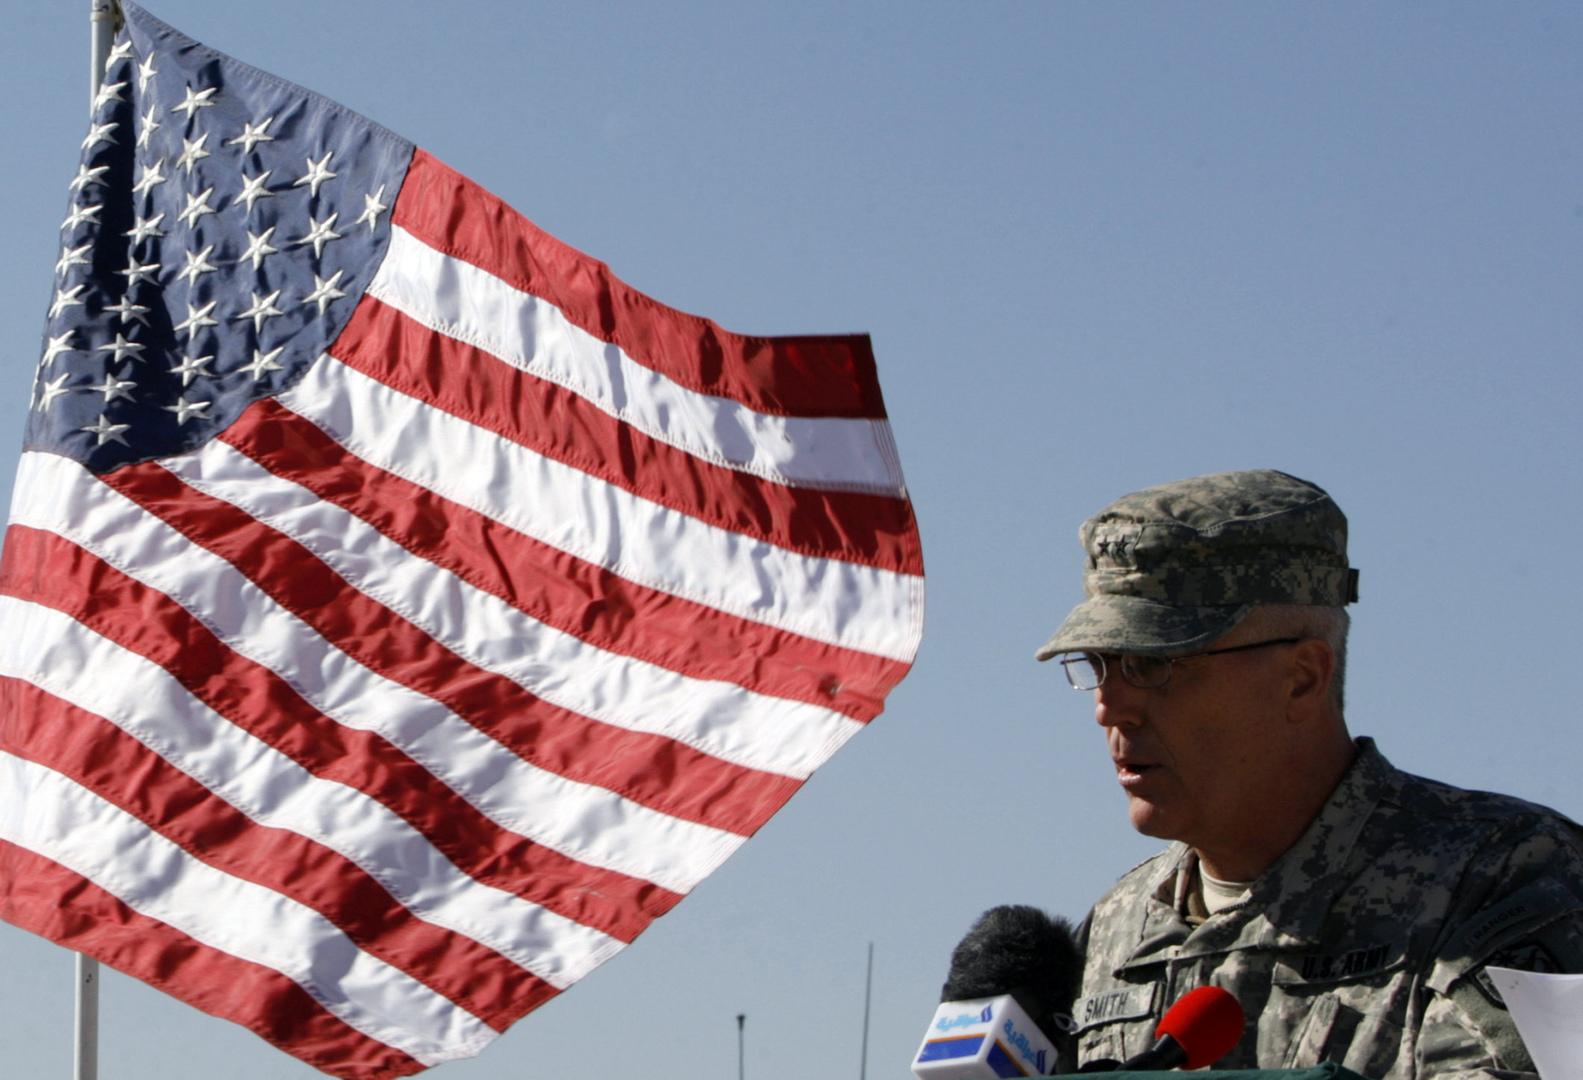 التحالف الدولي يعلق أنشطته العسكرية ضد